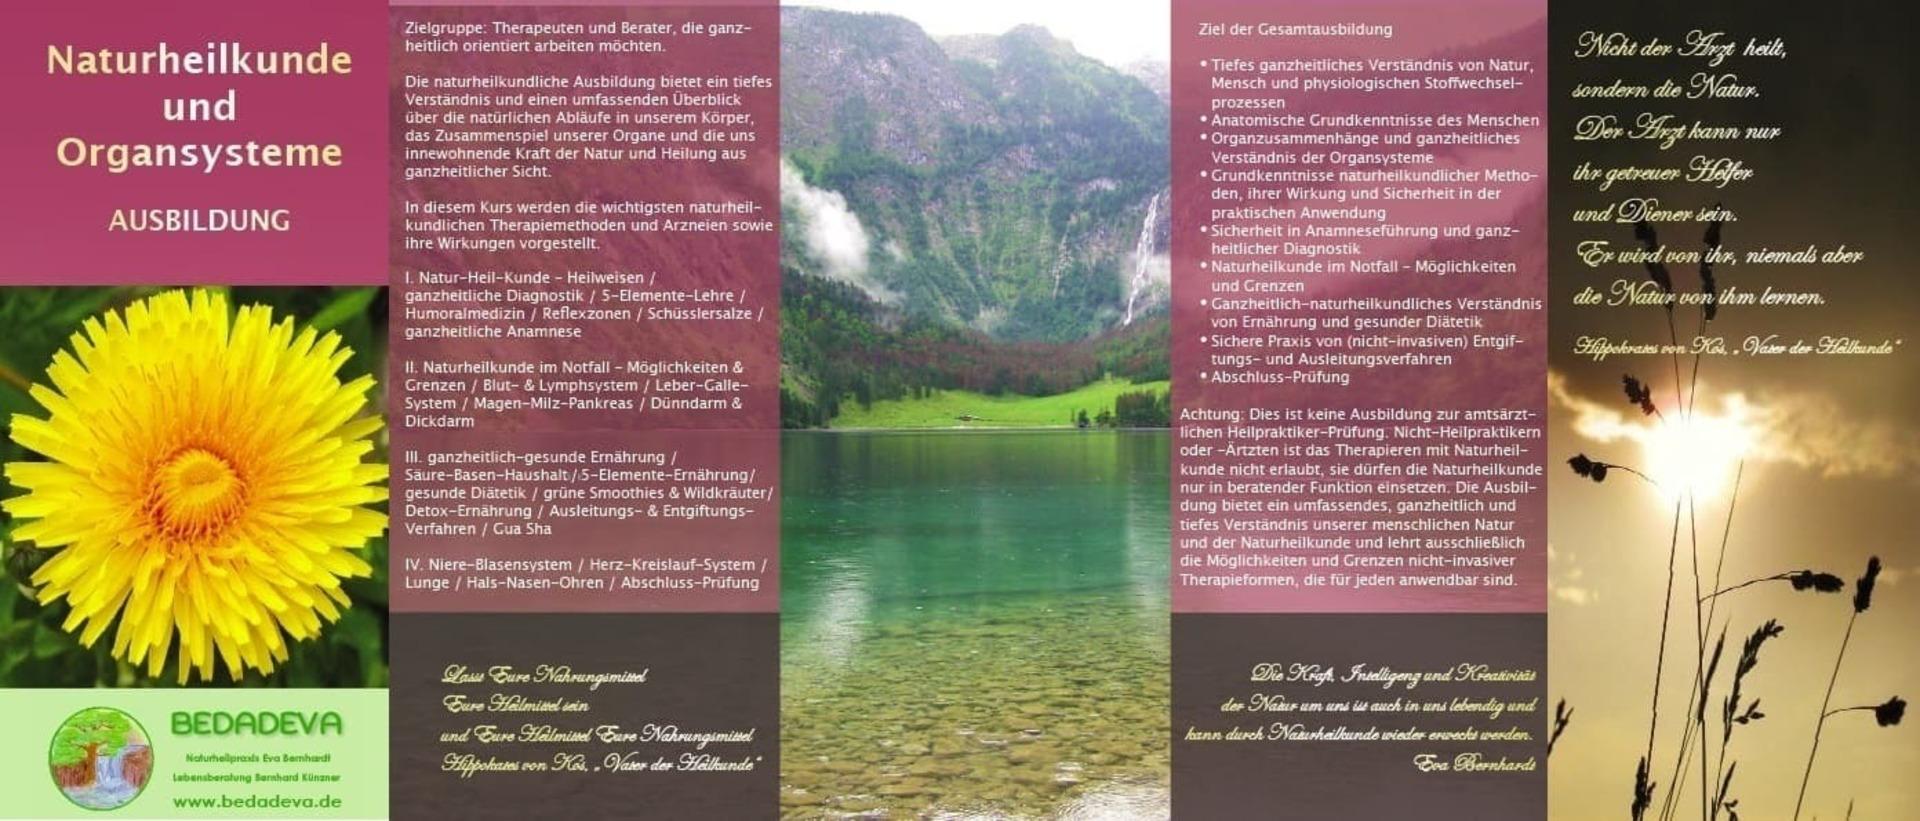 Naturheilkunde und Organsysteme (Ausbildung) @ Praxis-Seminar-Zentrum BEDADEVA